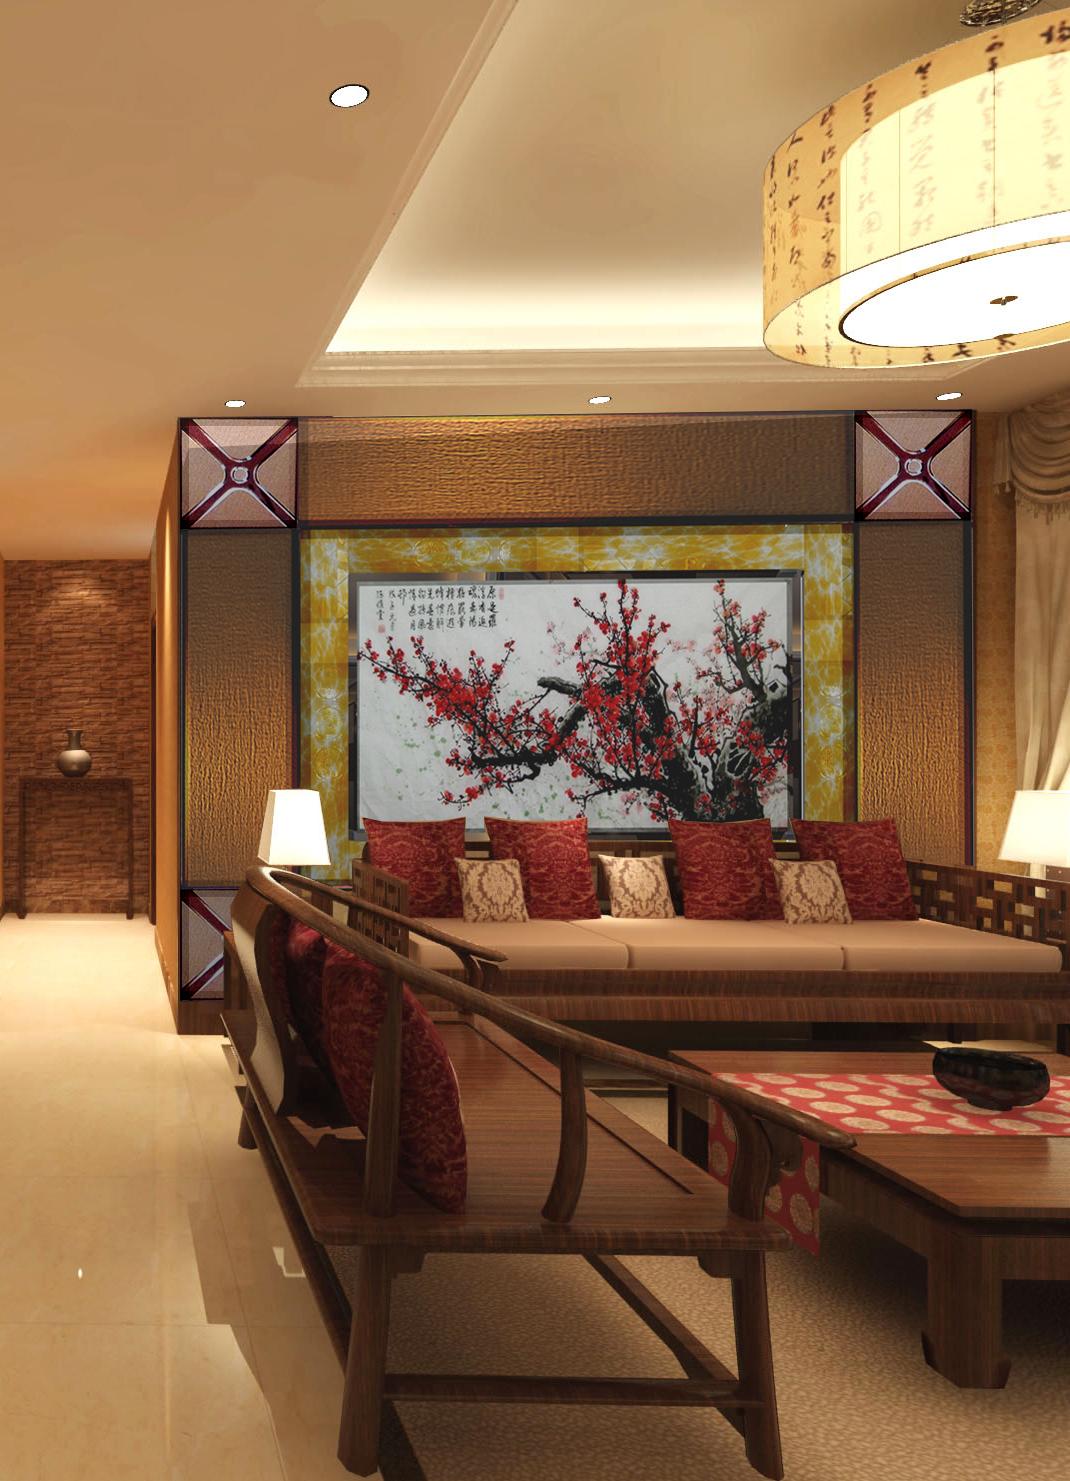 御东和府 现代 中式 140平米 三居 家居 生活 装修 报价 客厅图片来自徐丽娟在御东和府-现代中式风格-三居室的分享